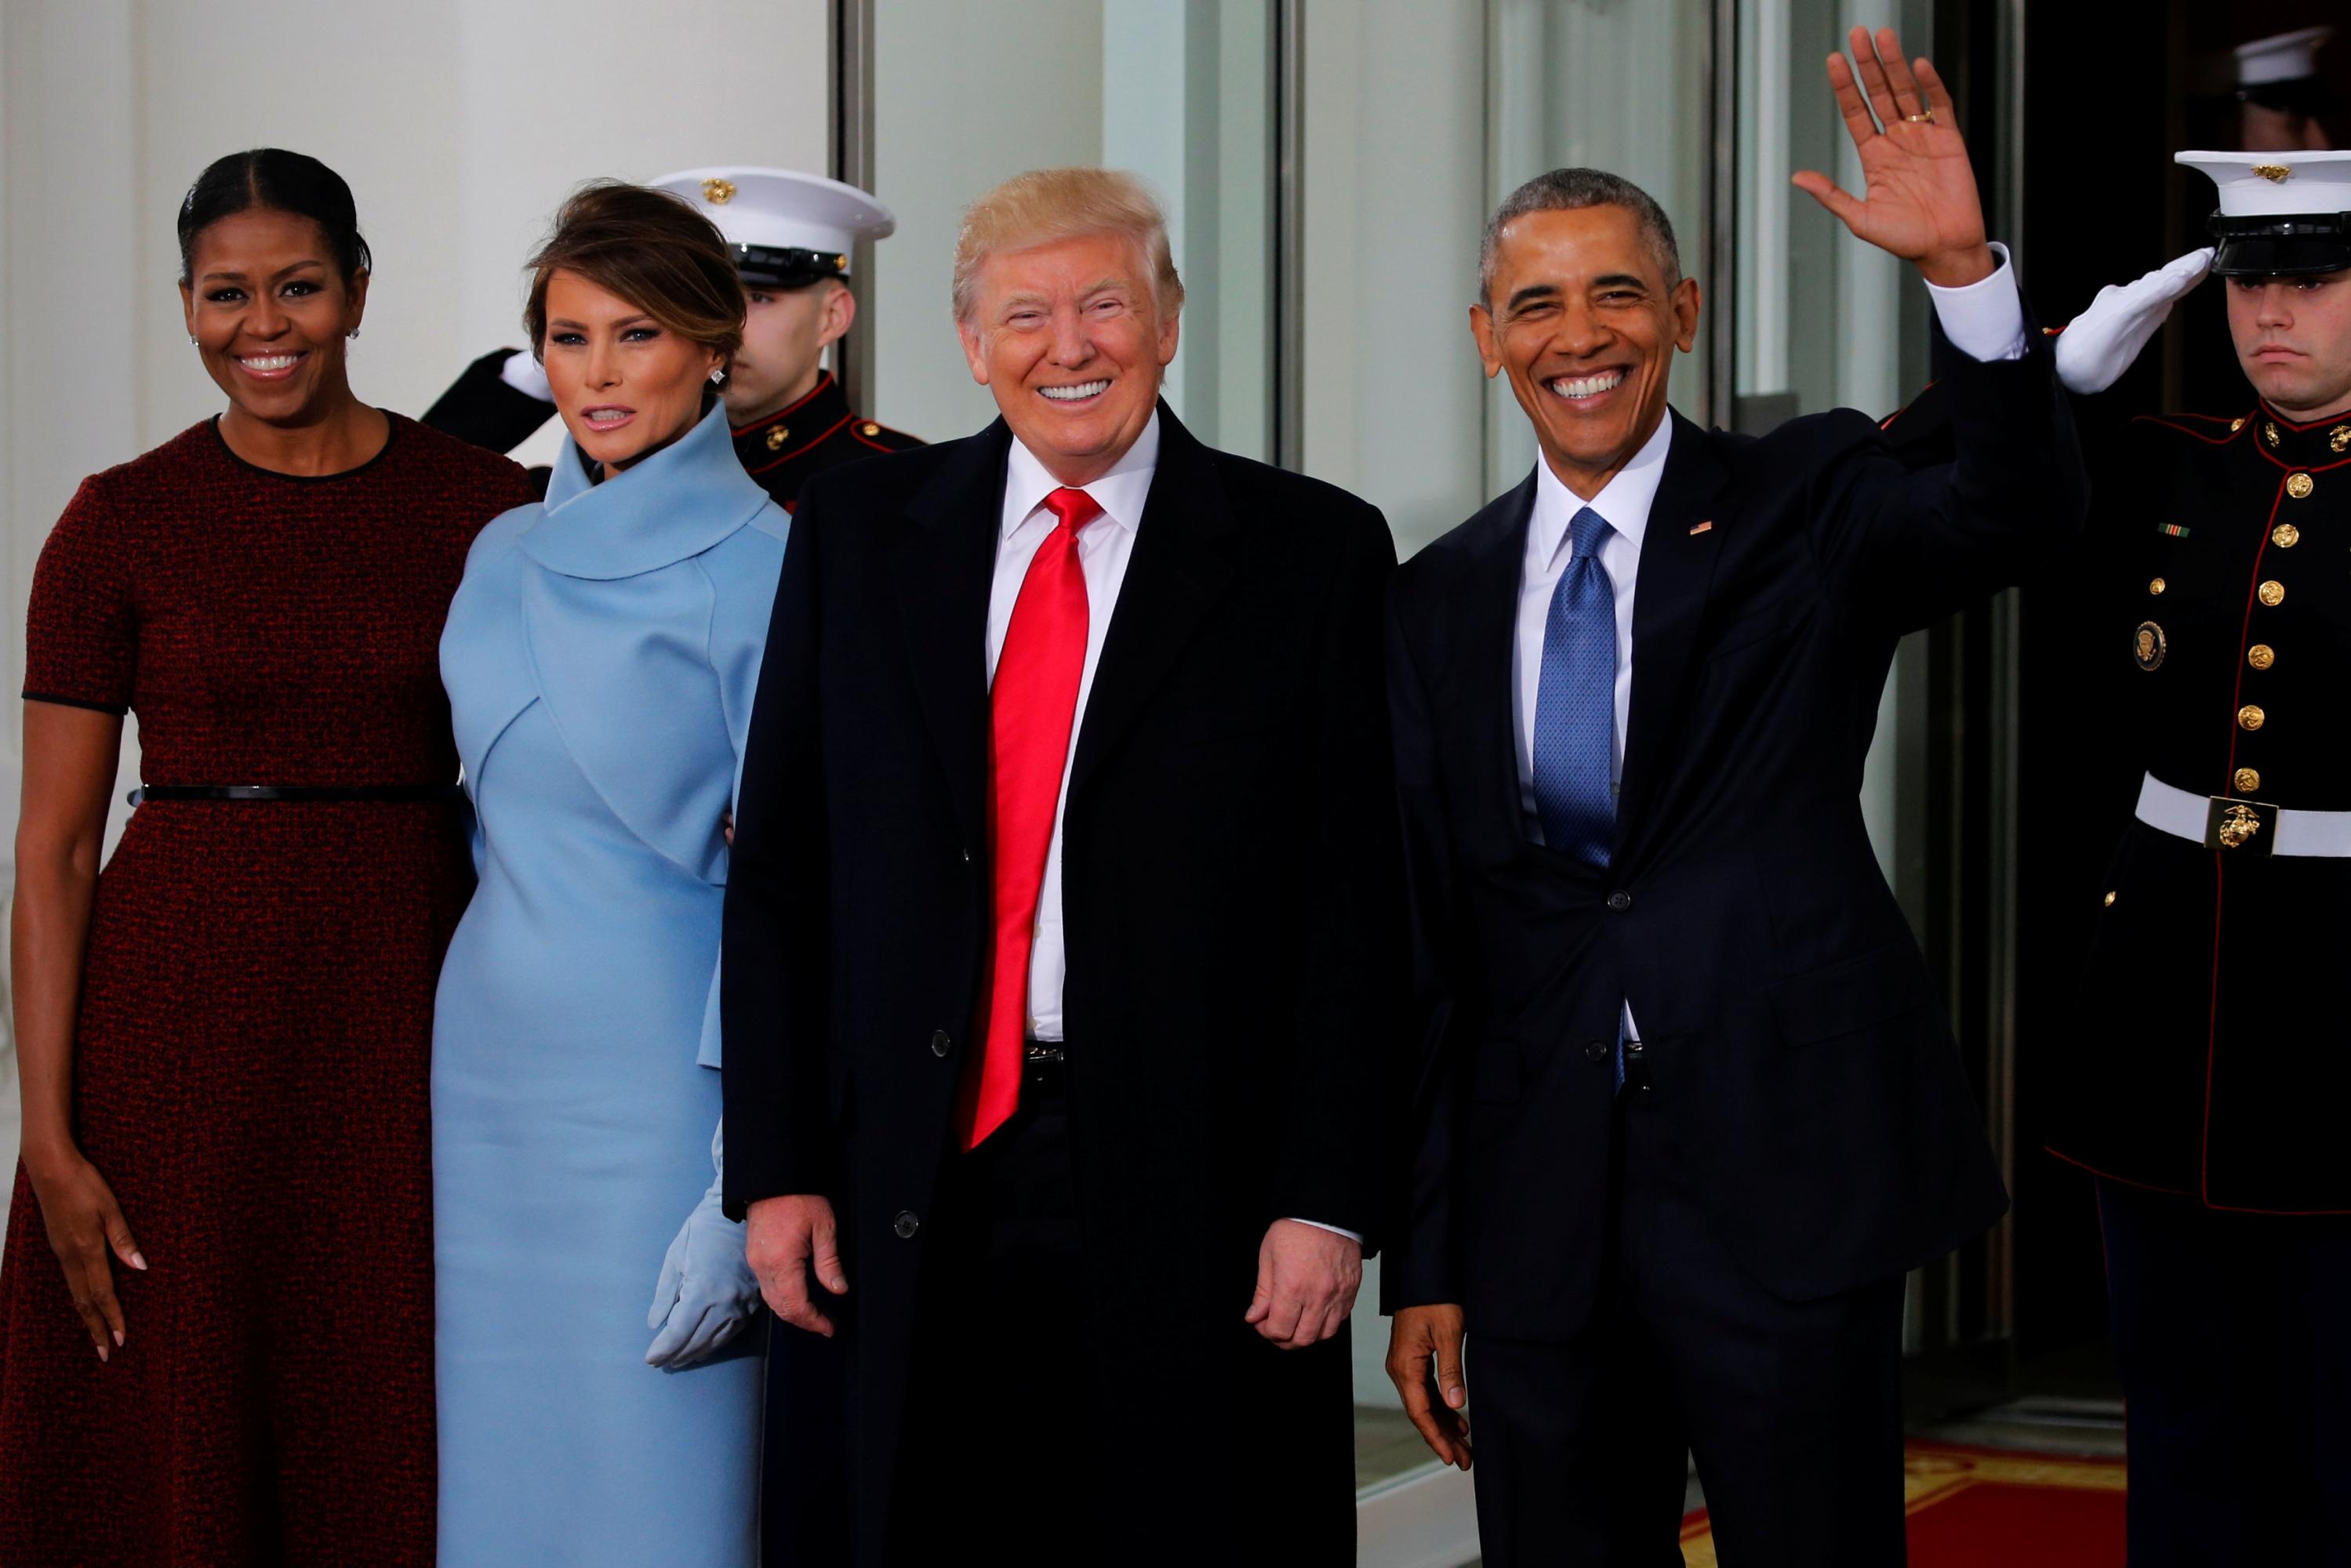 El presidente saliente, Barack Obama, y el presidente electo, Donald Trump, y sus respectivas esposas, Michelle y Melania, en la entrada de la Casa Blanca.- REUTERS